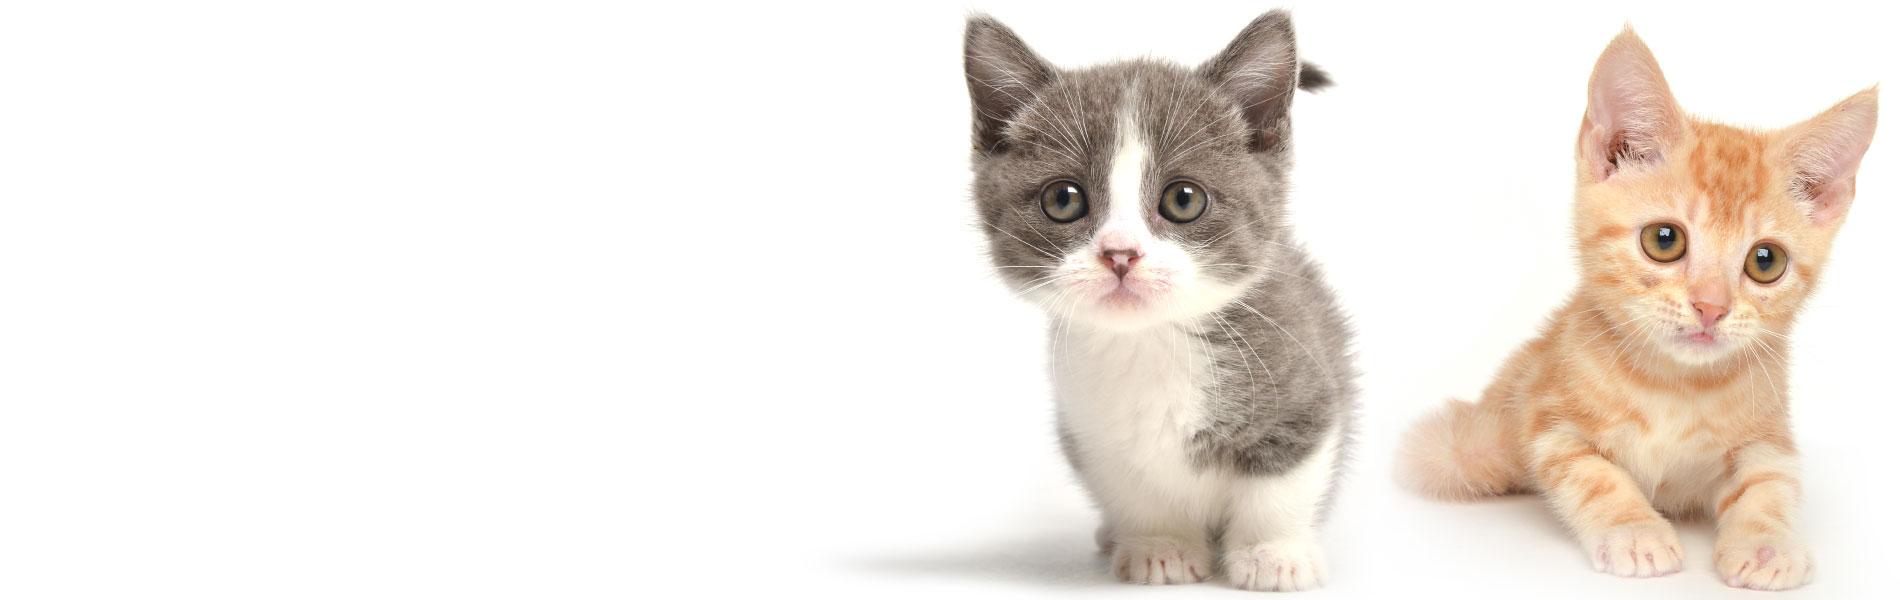 子猫のペットモデル